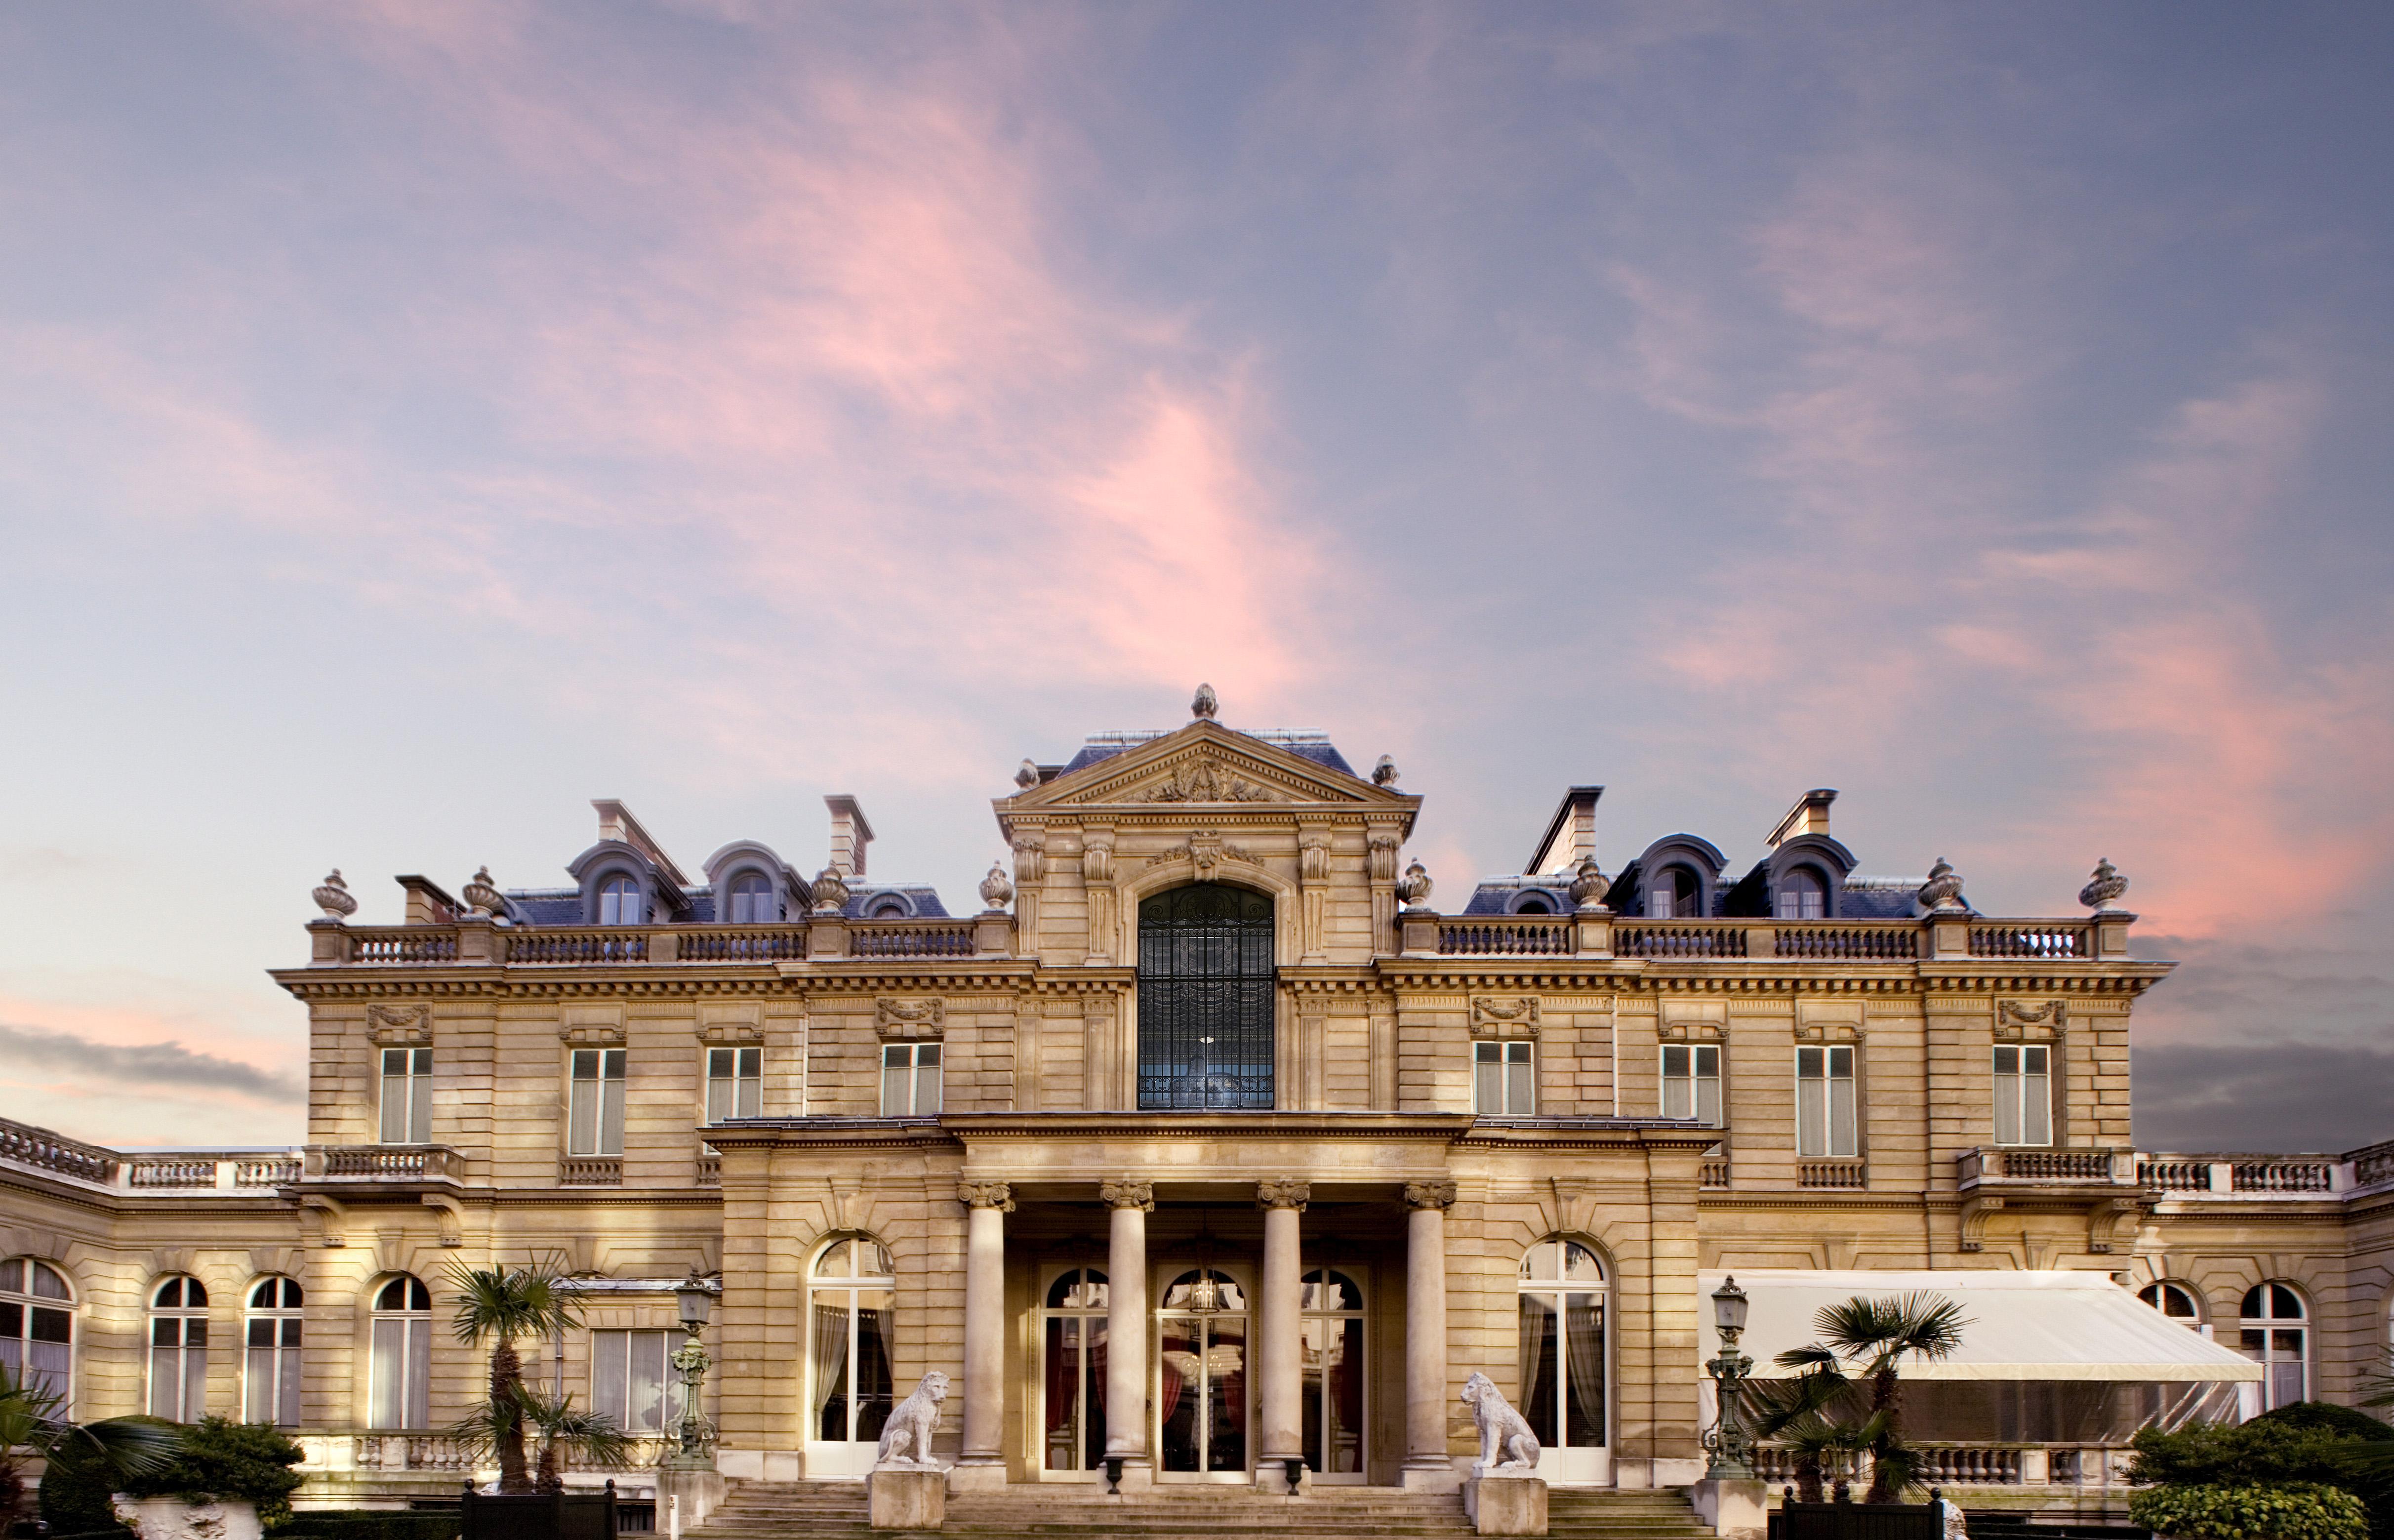 Musée Jacquemart-André, Paris: All year